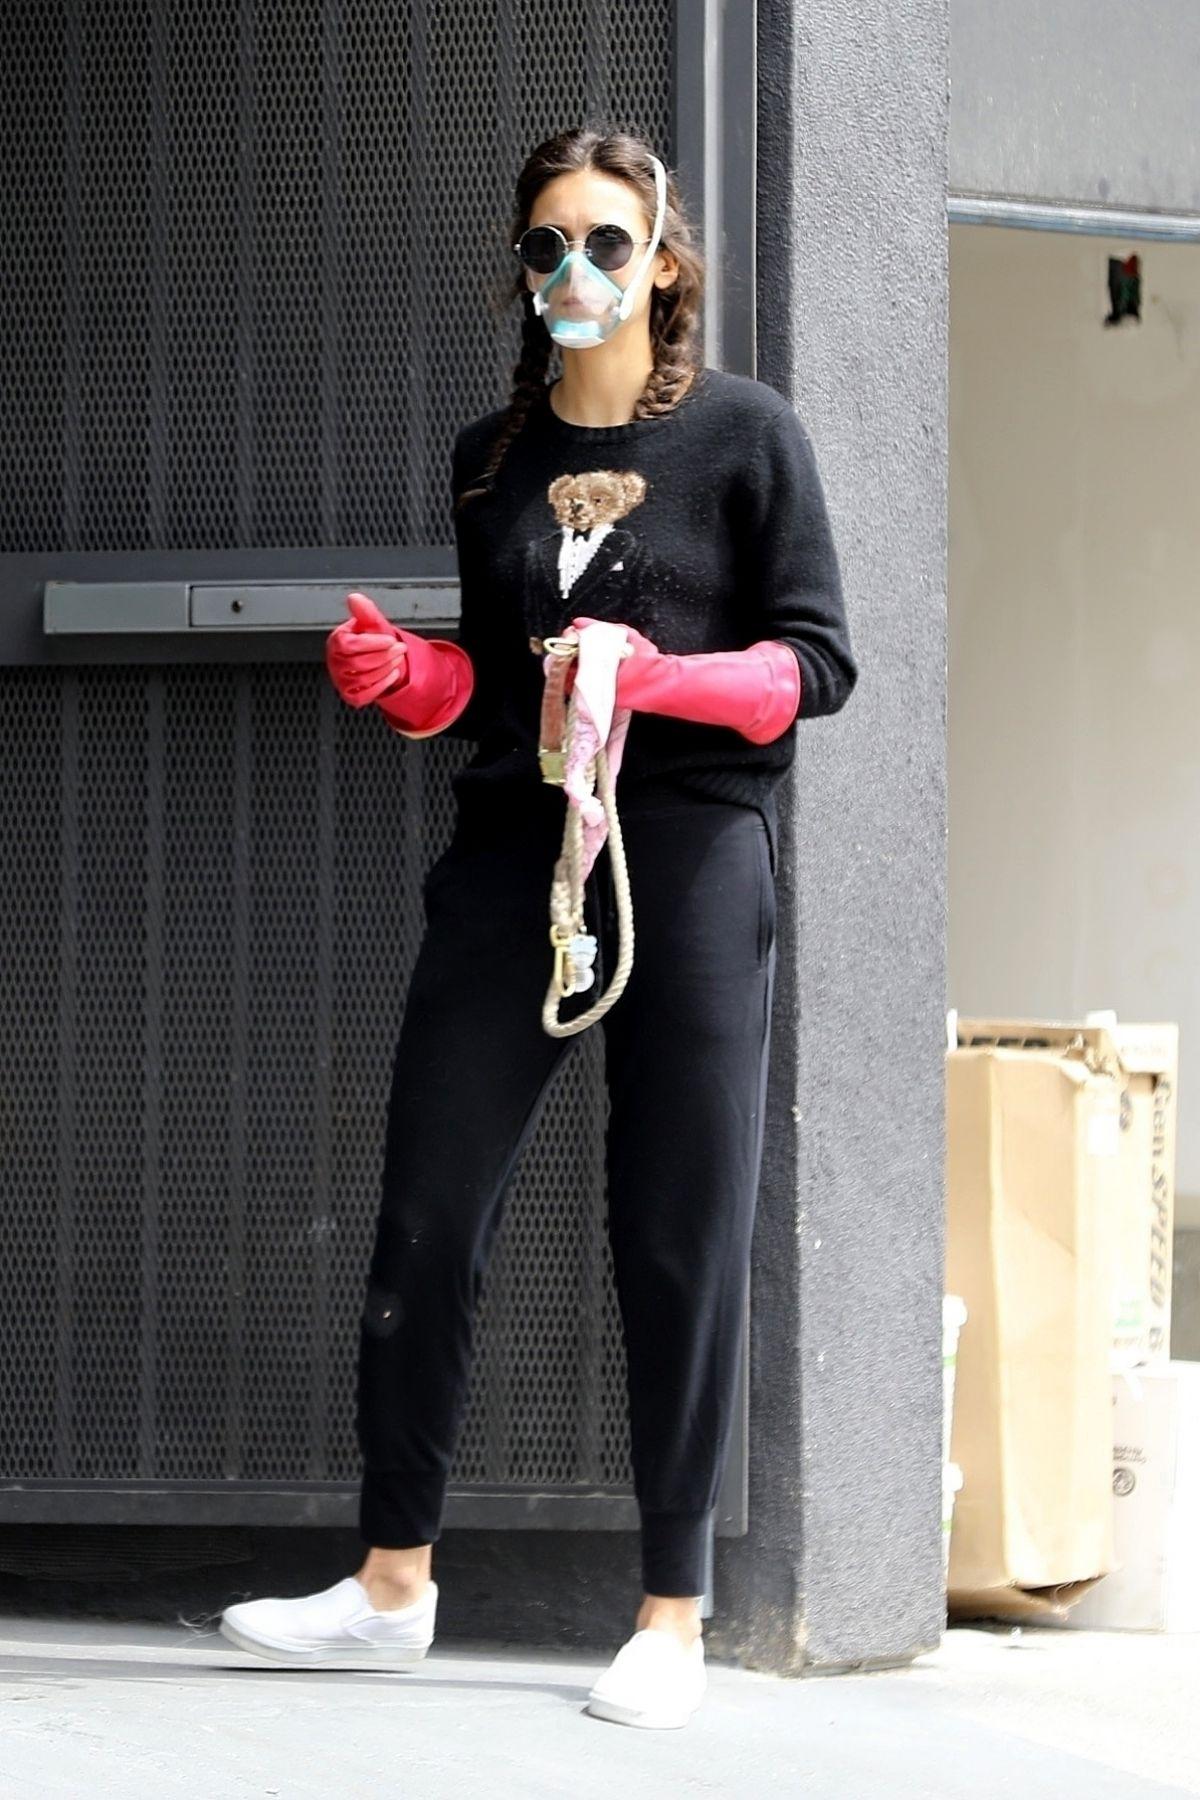 نينا دوبريف في ملابس منزلية مع الكمامة